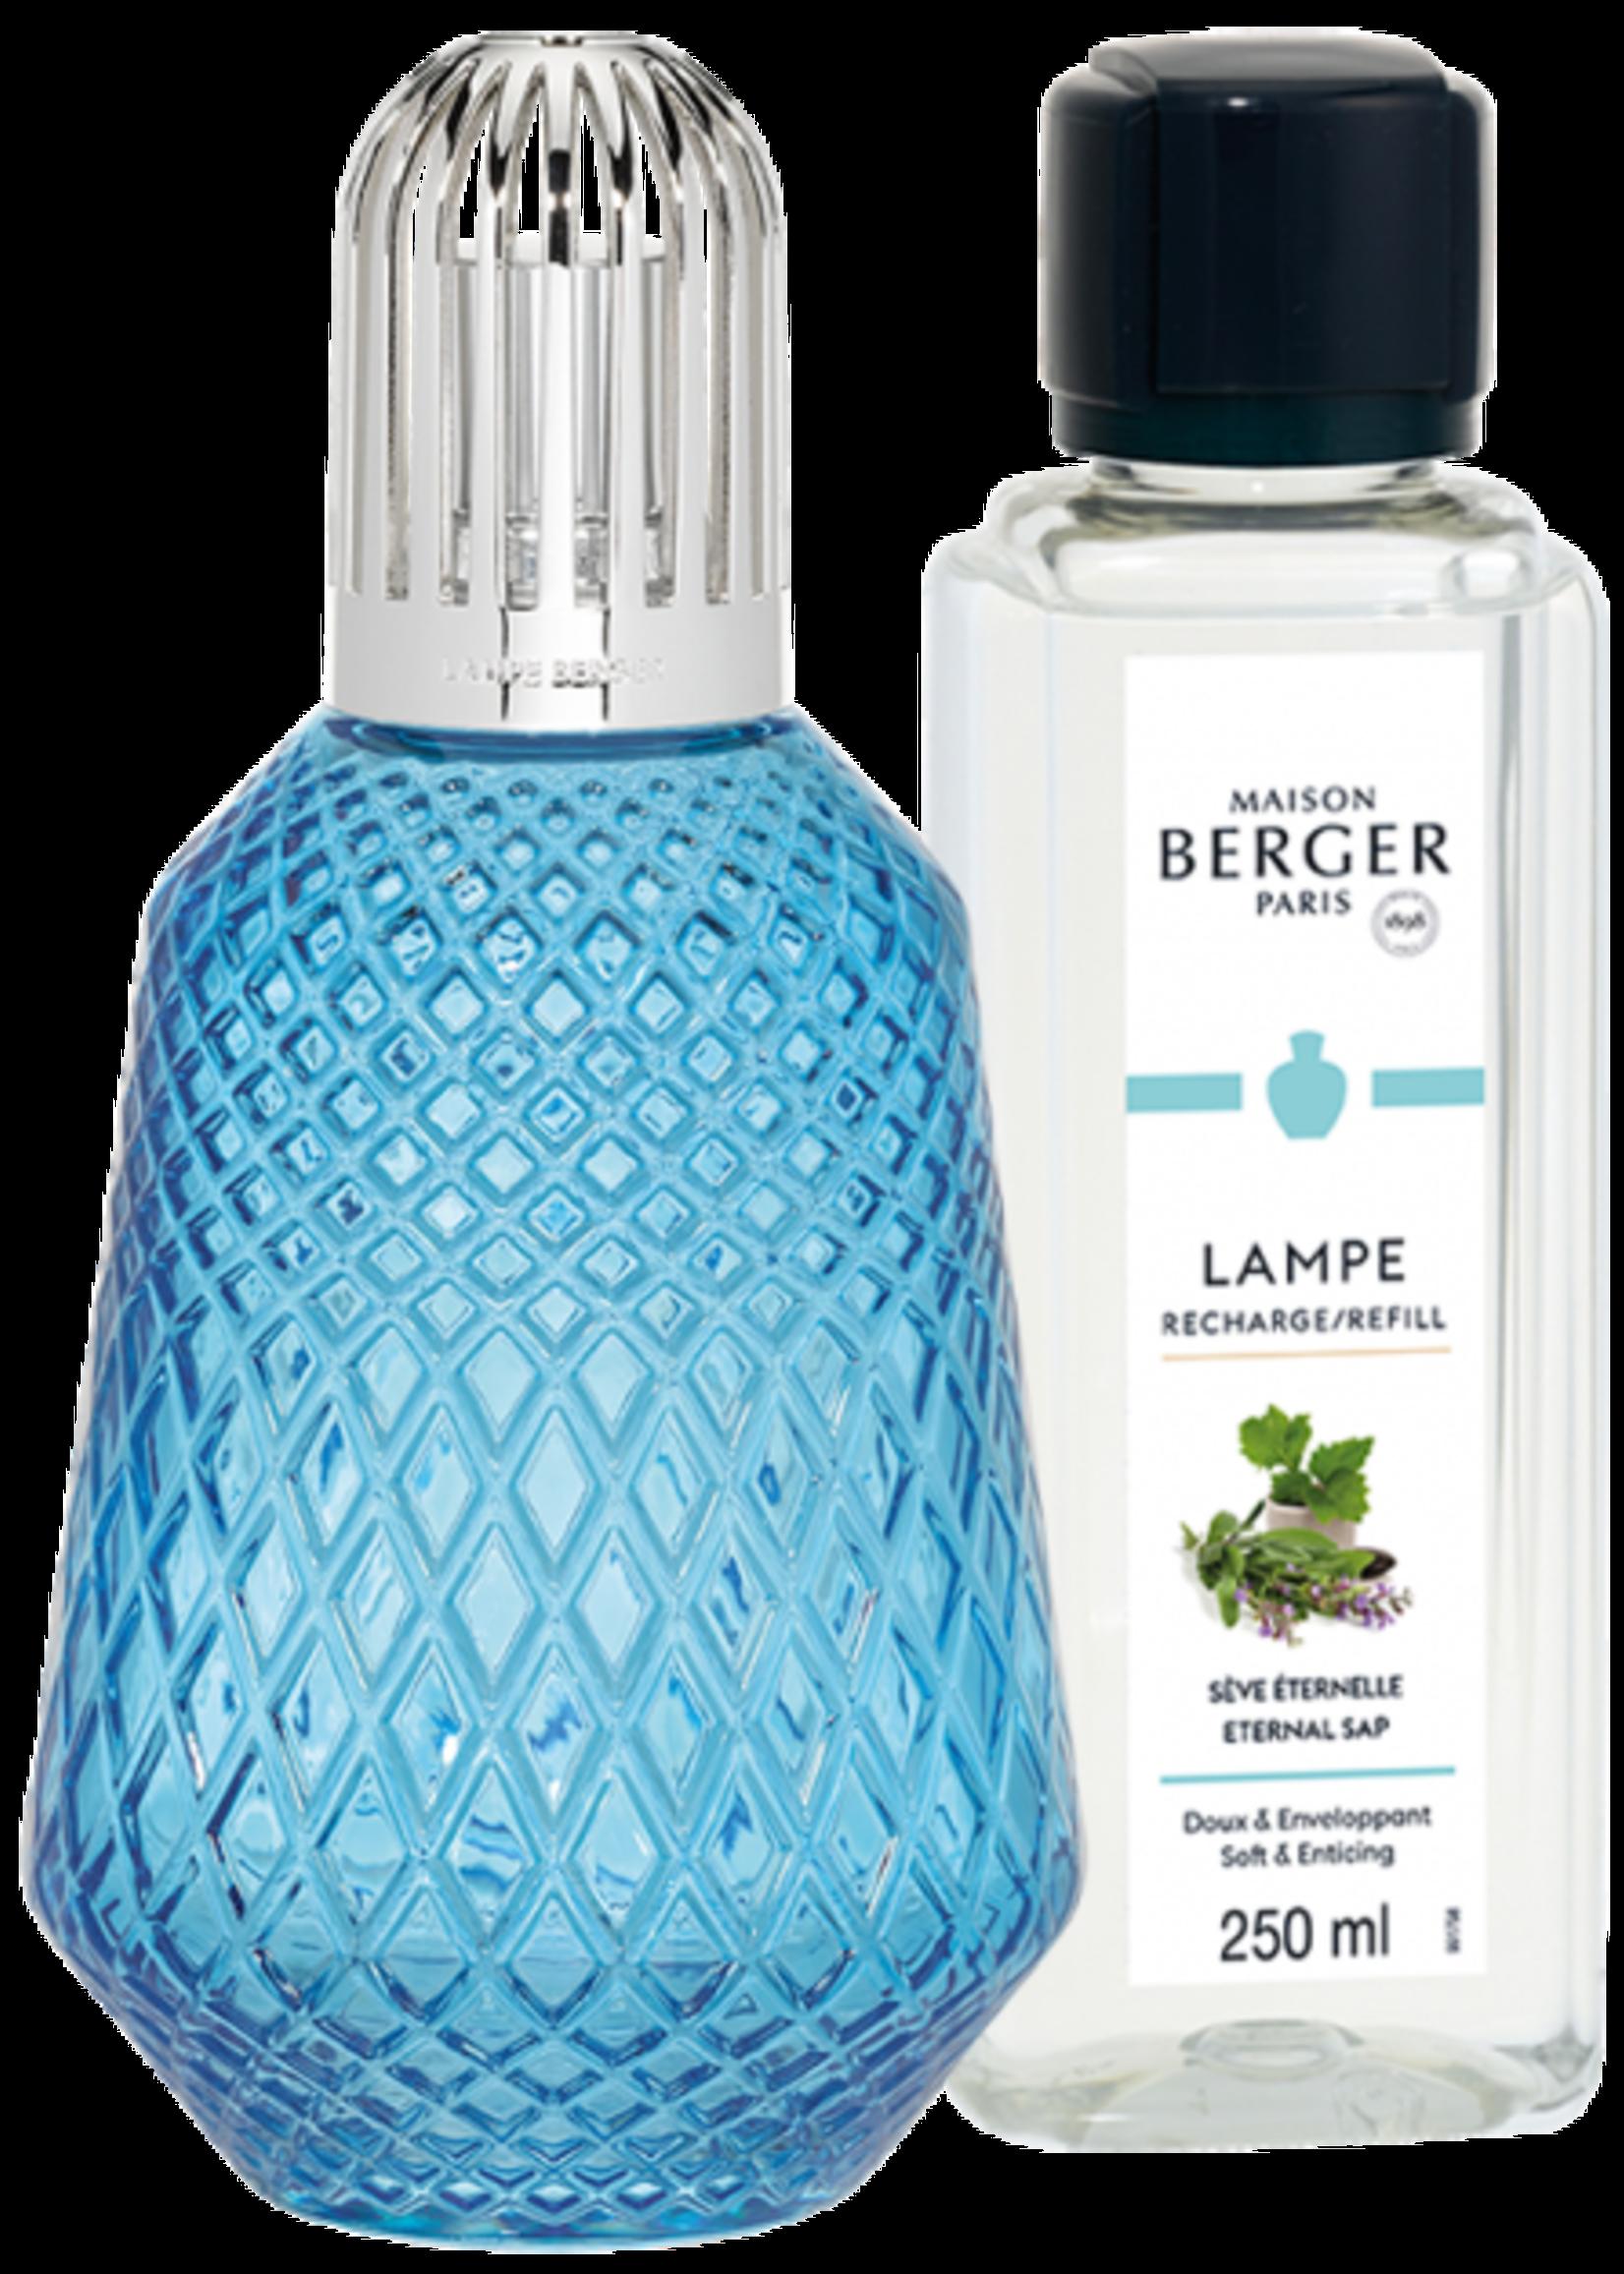 Lampe Berger Giftset matali crasset Bleue